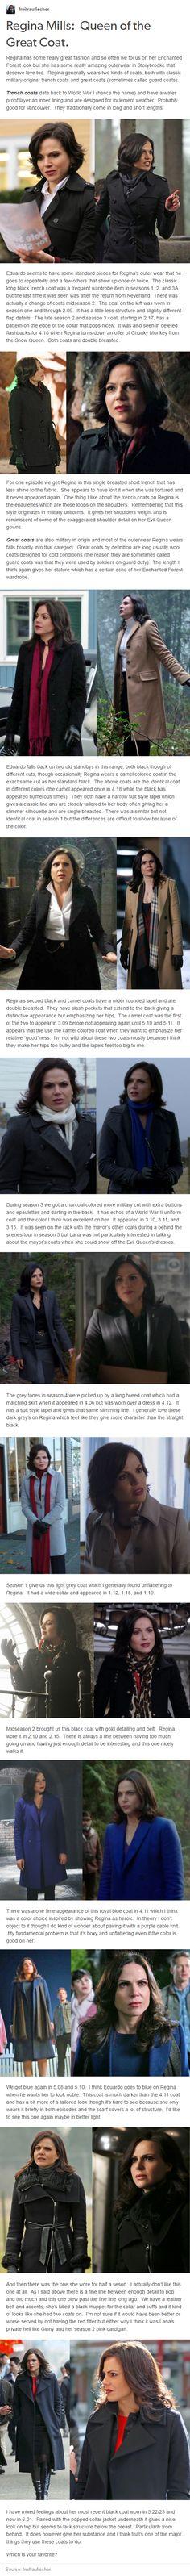 Regina Mills: Queen of the Great Coat